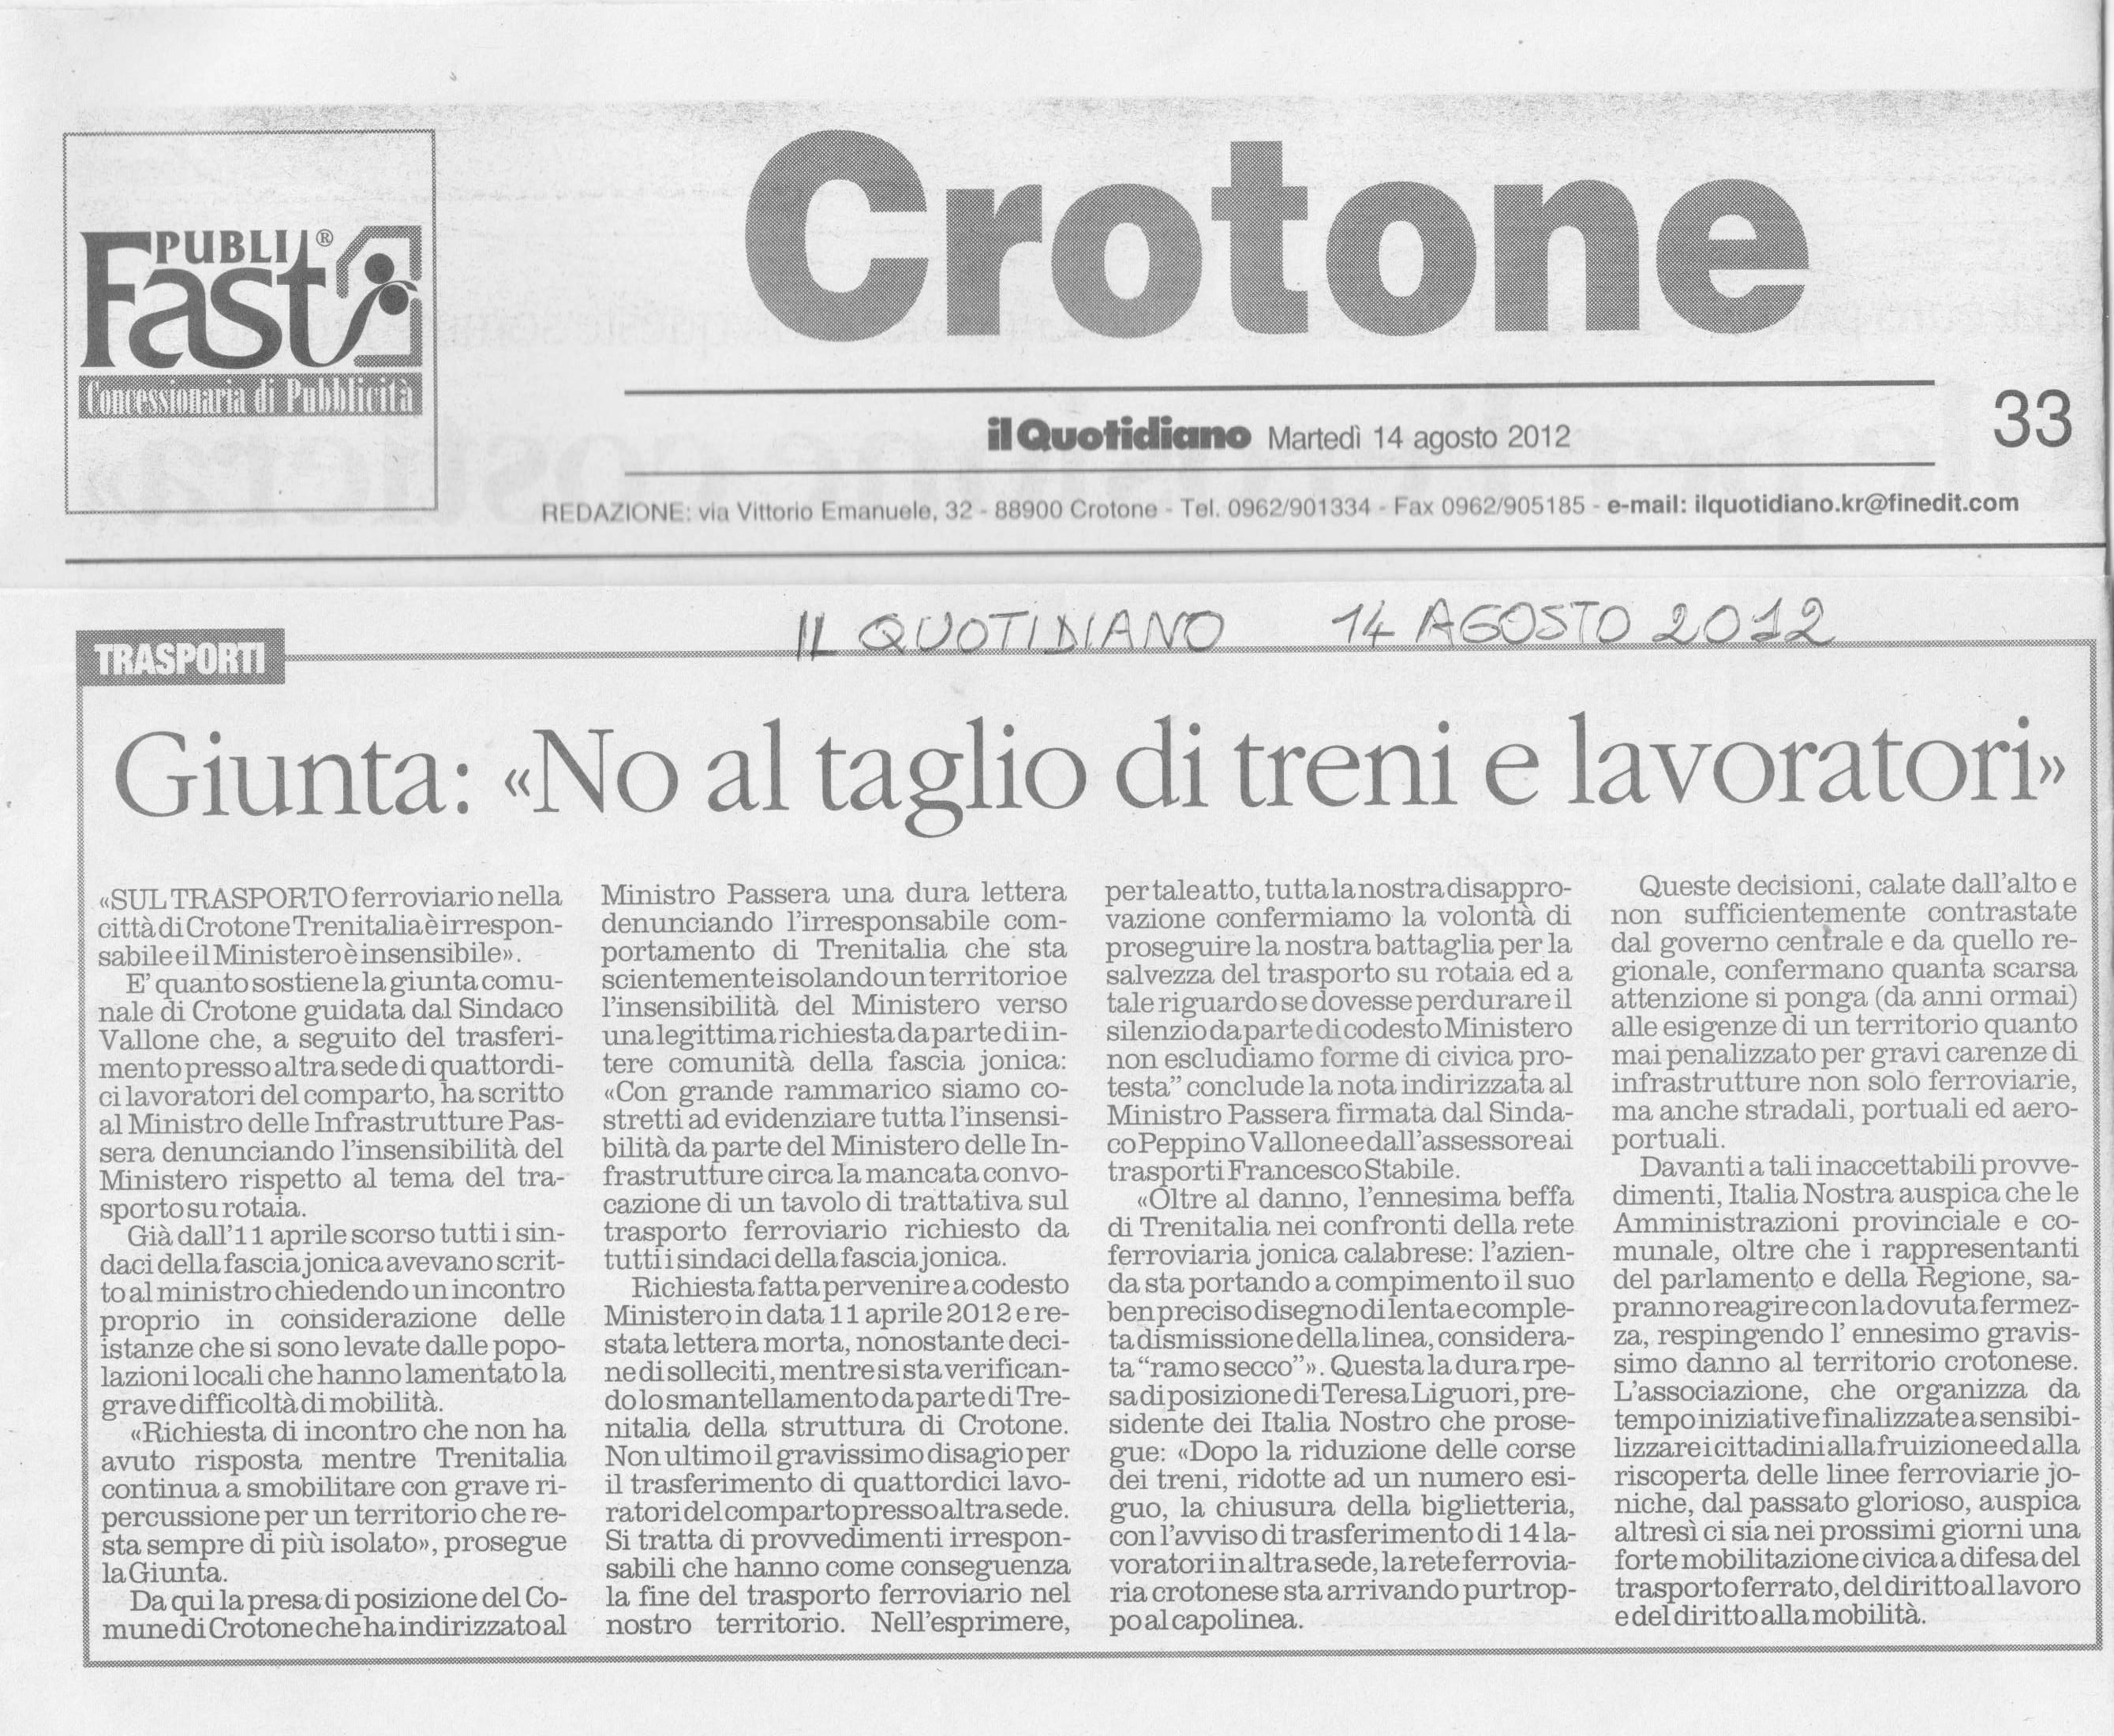 La Linea Ferroviaria Jonica Crotonese Al Capolinea Italia Nostra